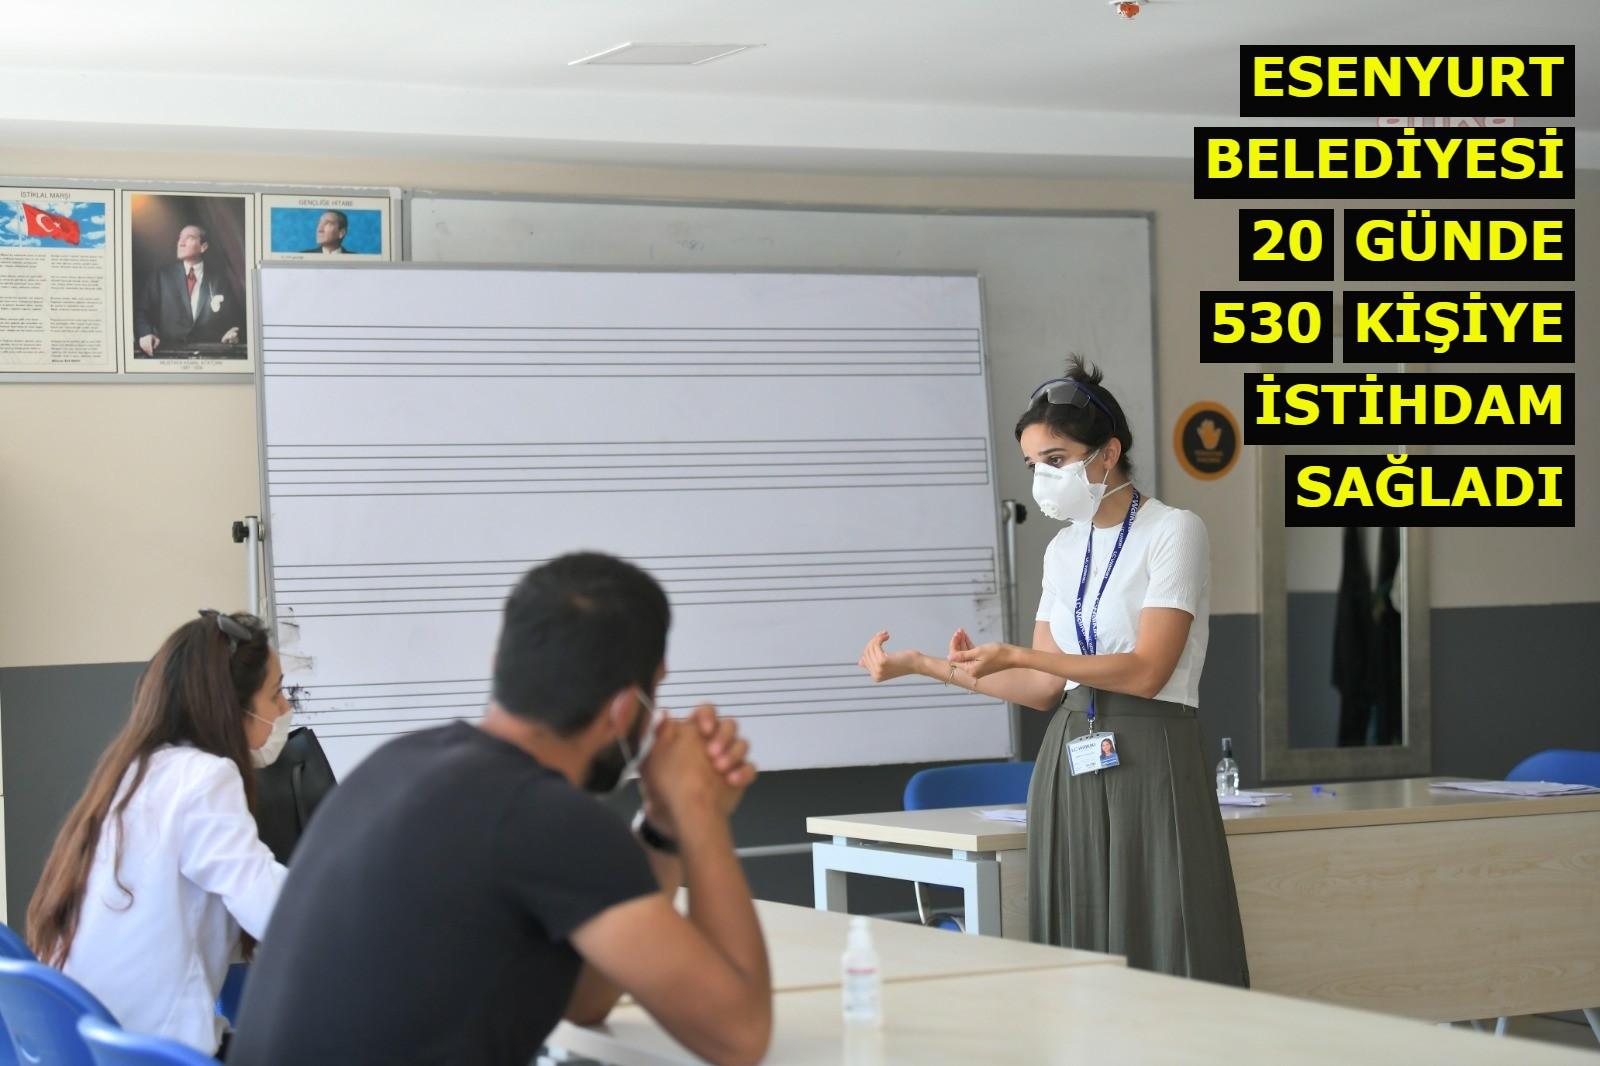 Esenyurt Belediyesi, 20 günde 530 kişiye istihdam sağladı